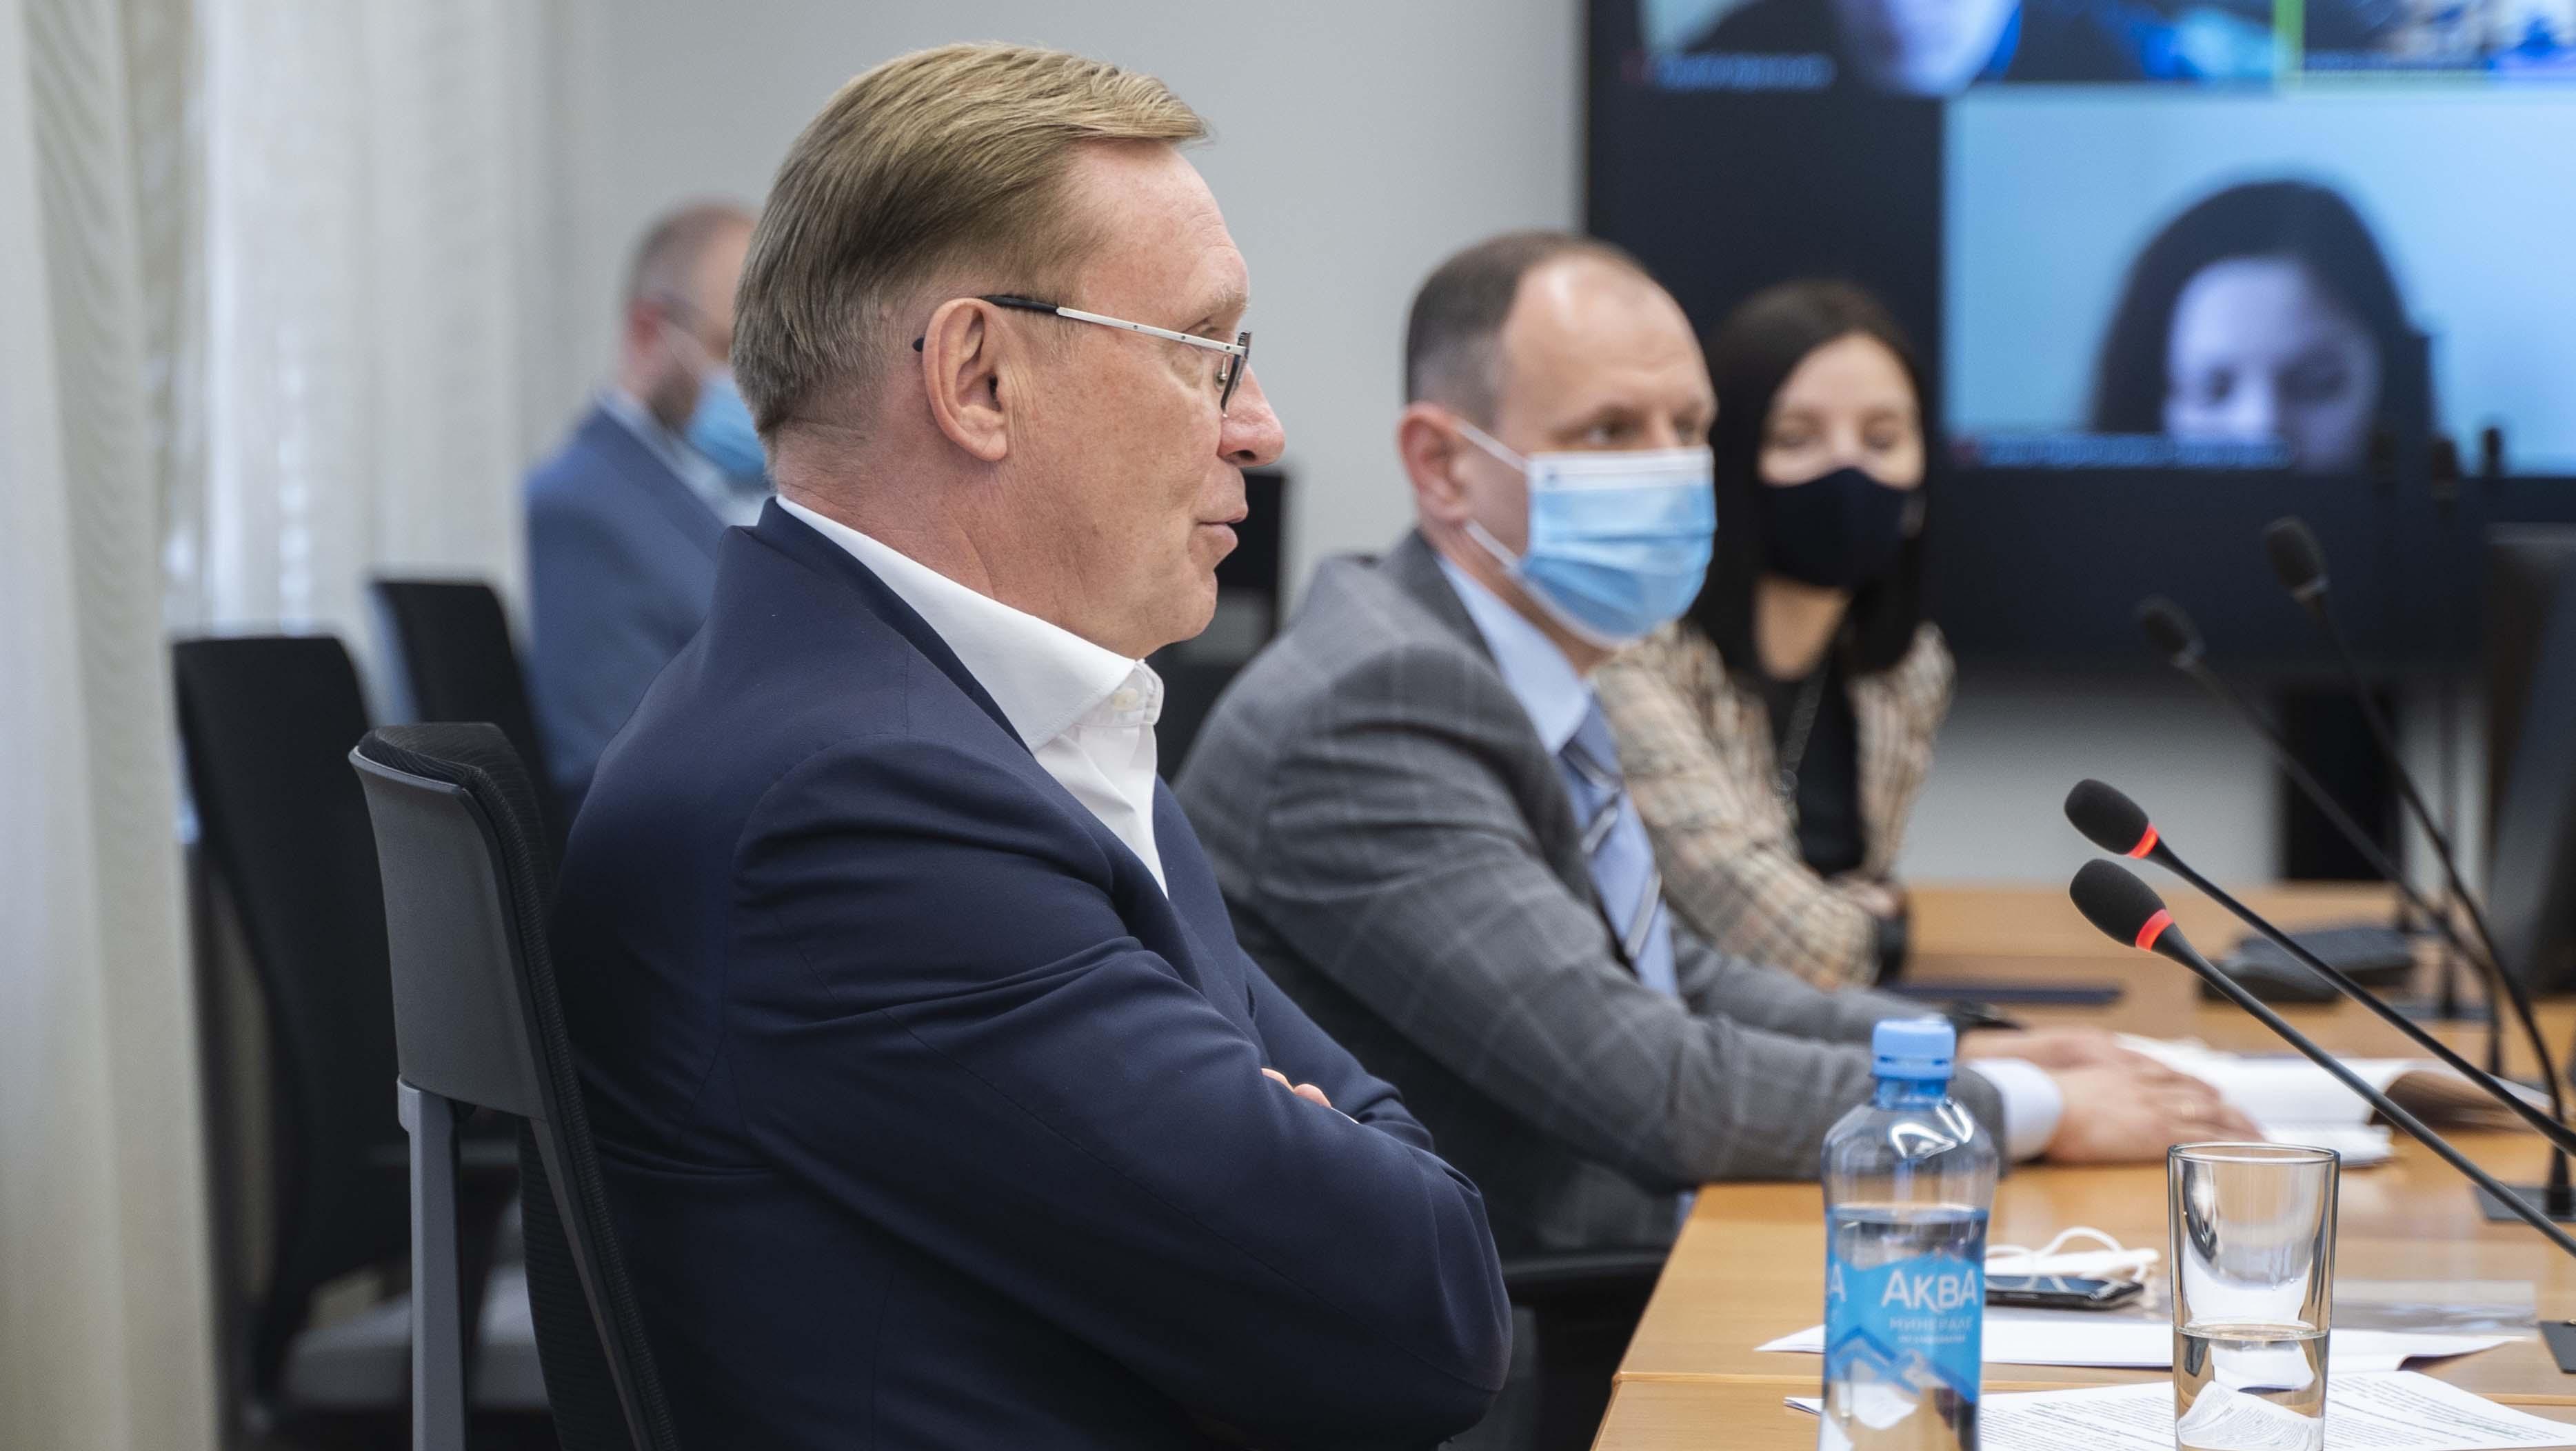 Сергей Когогин рассказал о финансовых итогах ПАО «КАМАЗ» за 2020 год